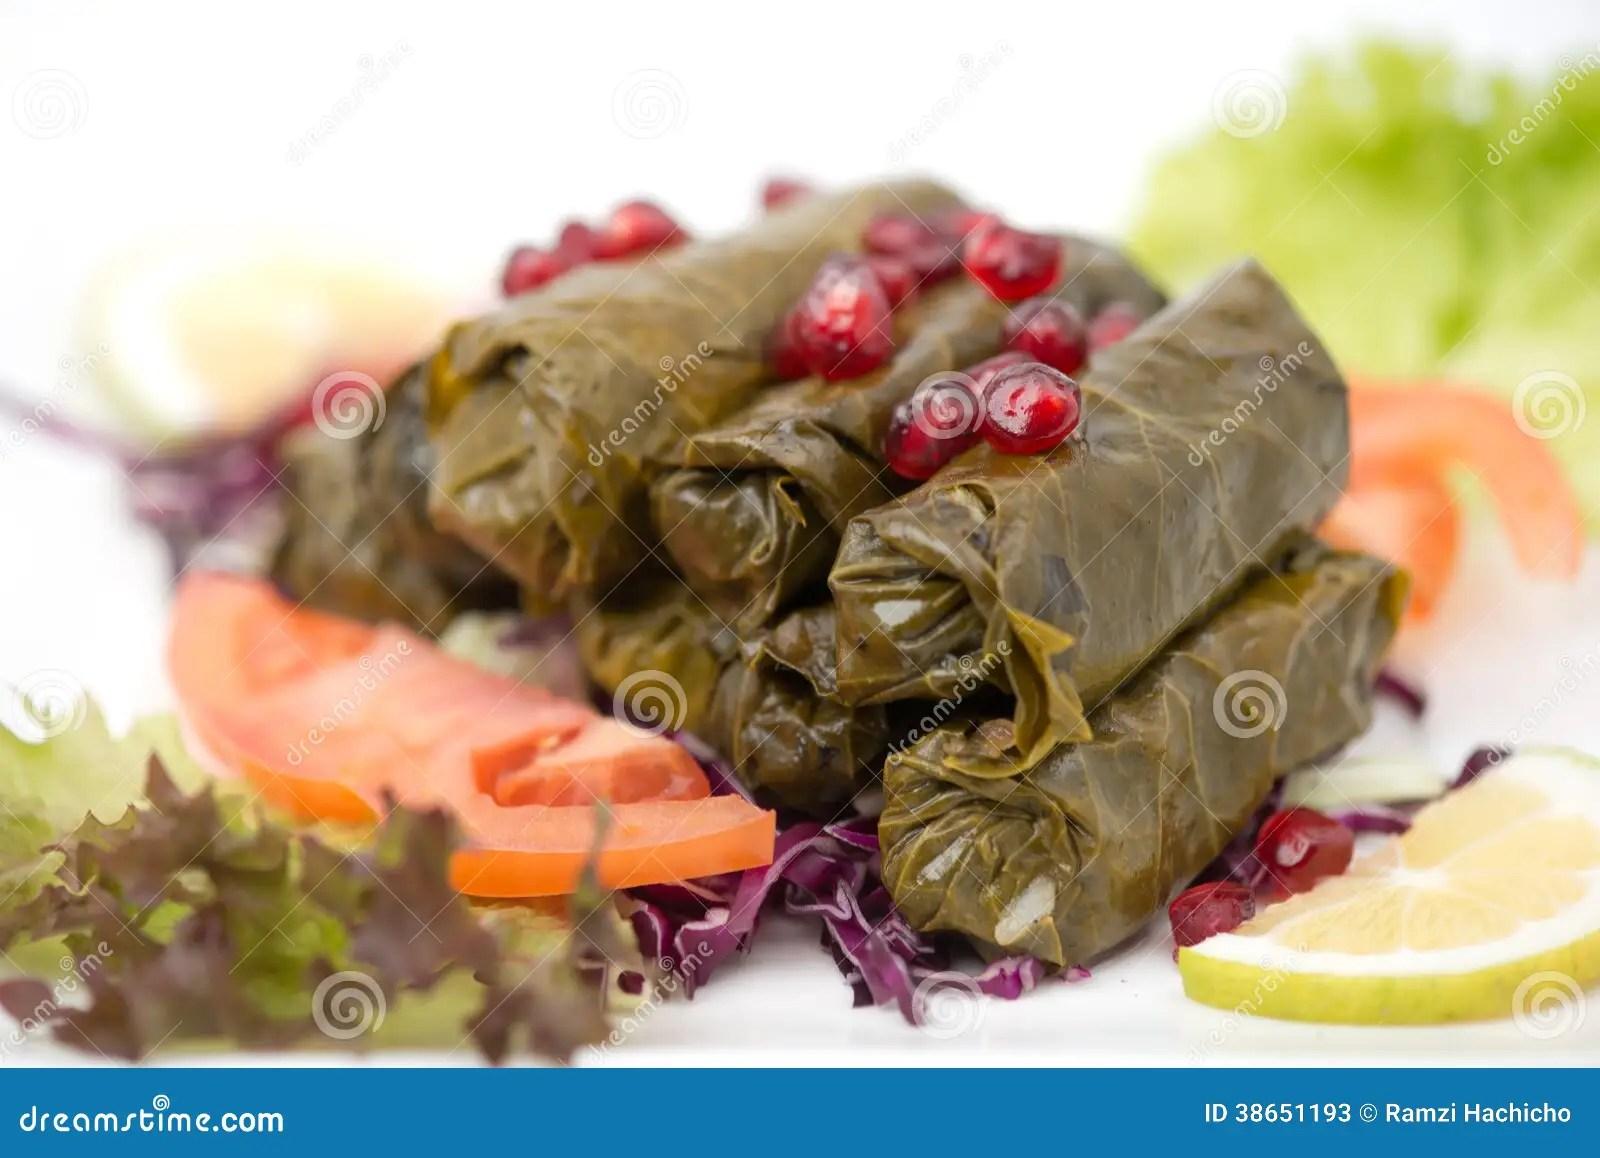 Piatto Farcito Delle Foglie Di Vite Cucina Libanese Immagine Stock  Immagine di piatto dieta